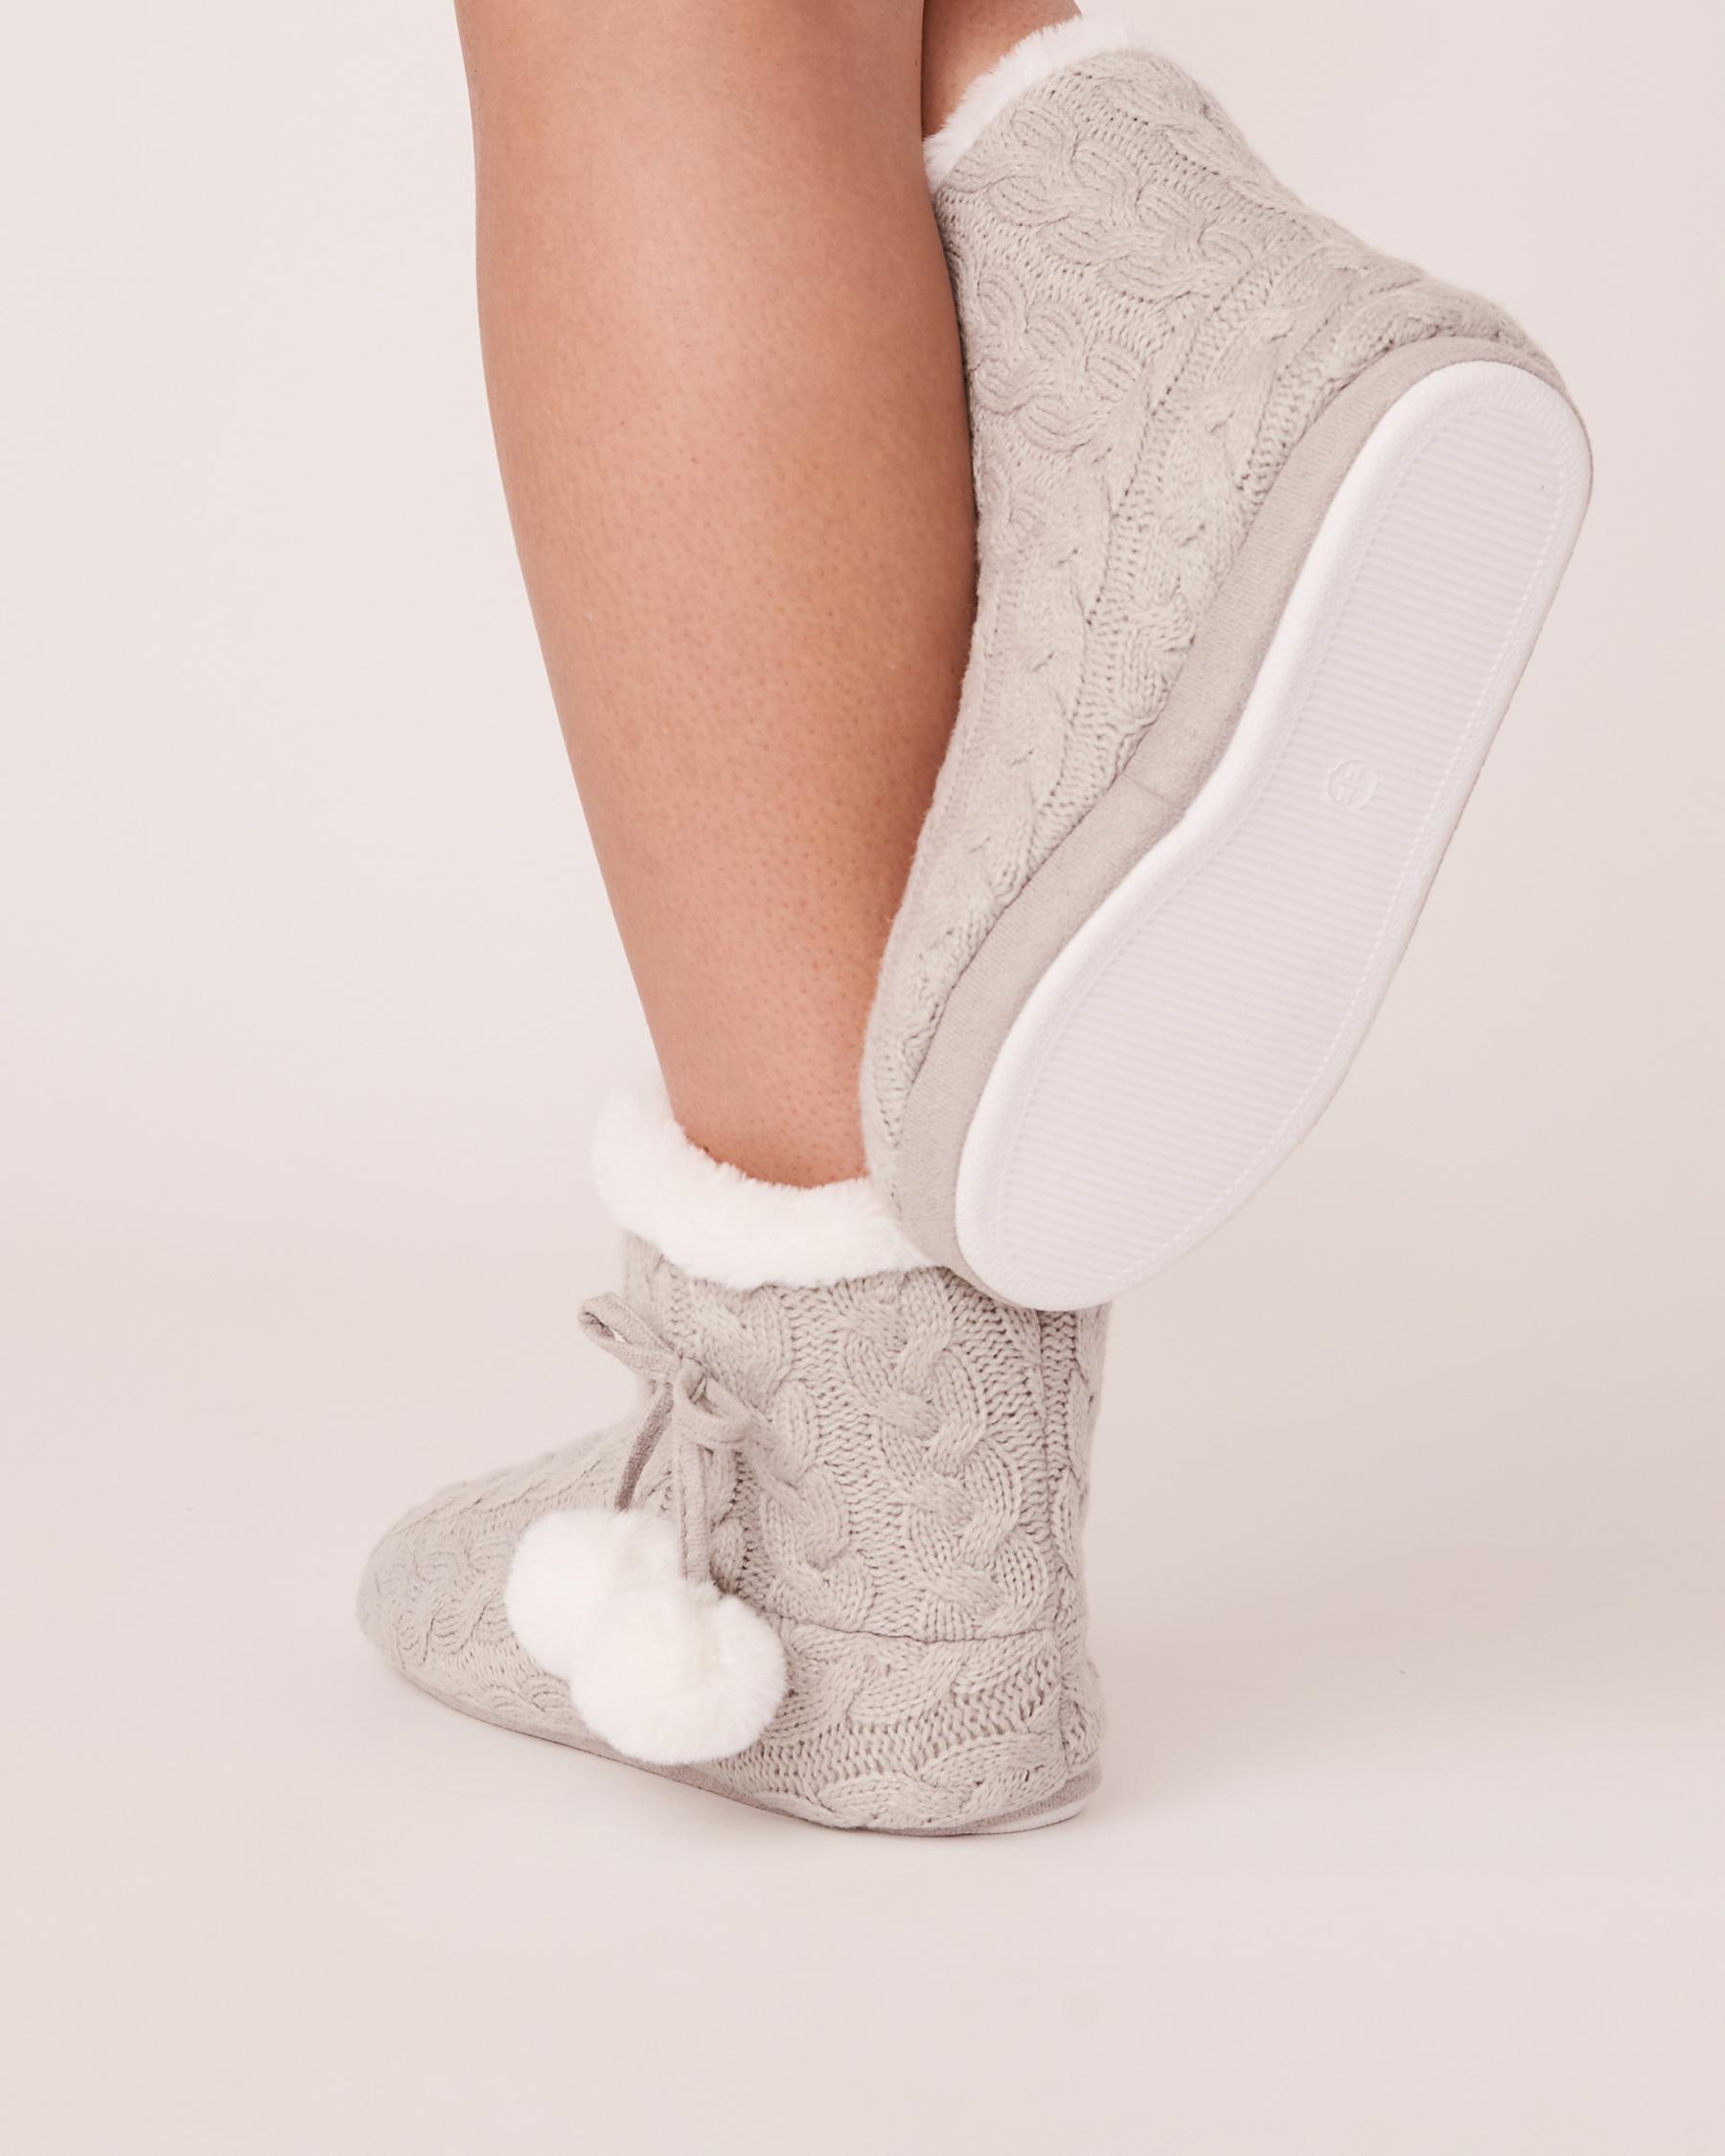 LA VIE EN ROSE Pompoms Bootie Slippers Grey-blue 40700075 - View2